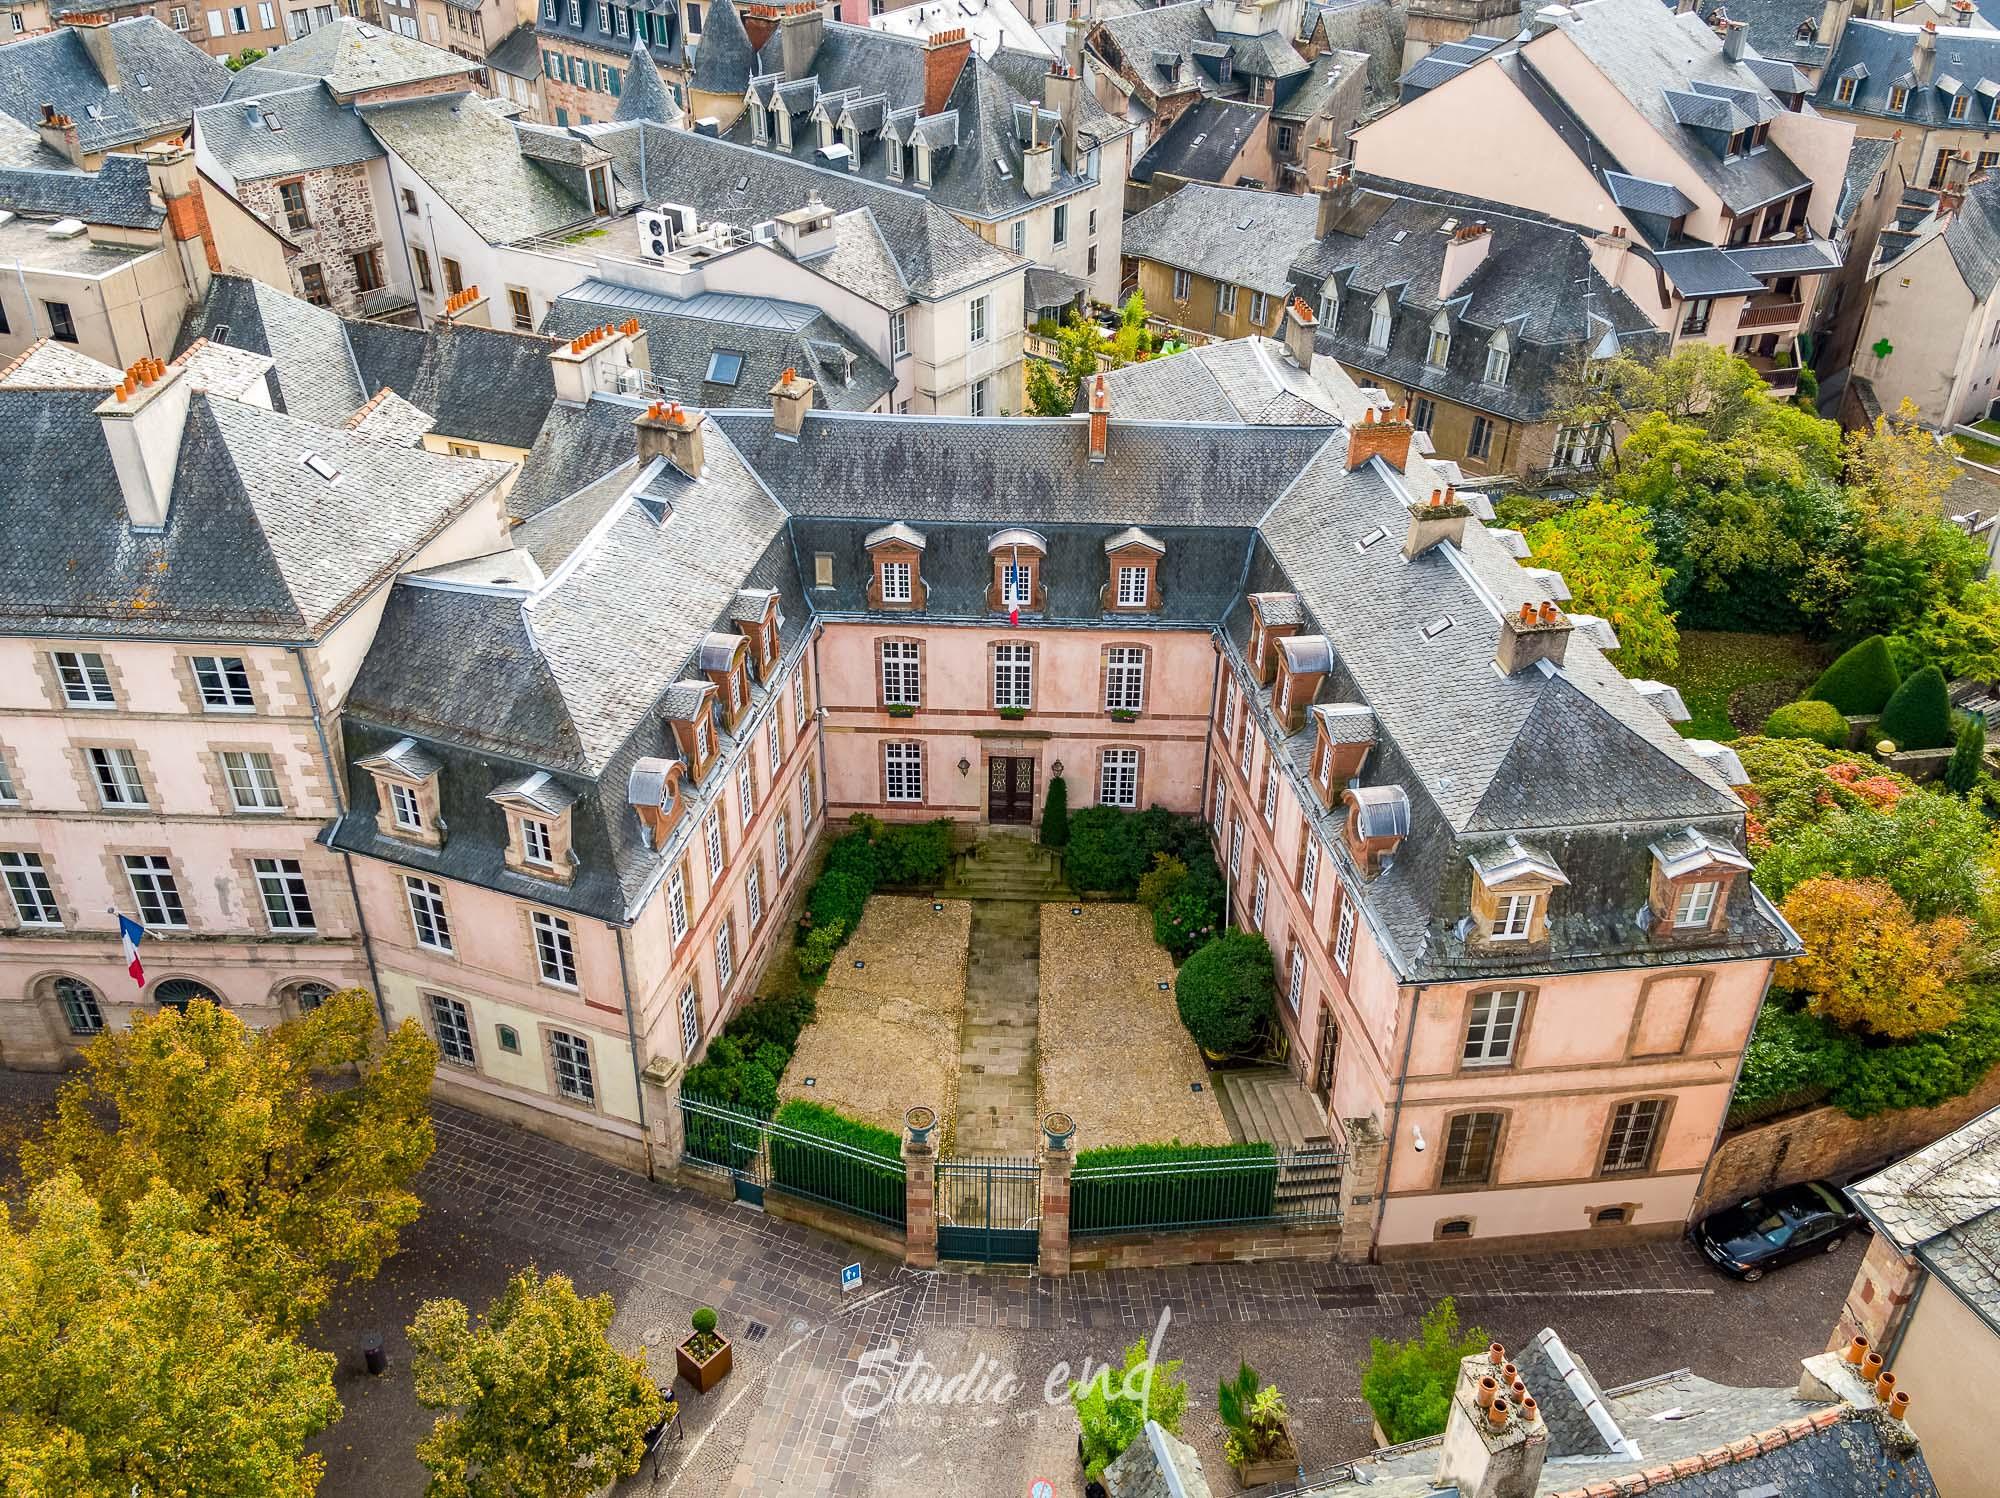 Photographie aérienne grace à un drone Rodez Studio End